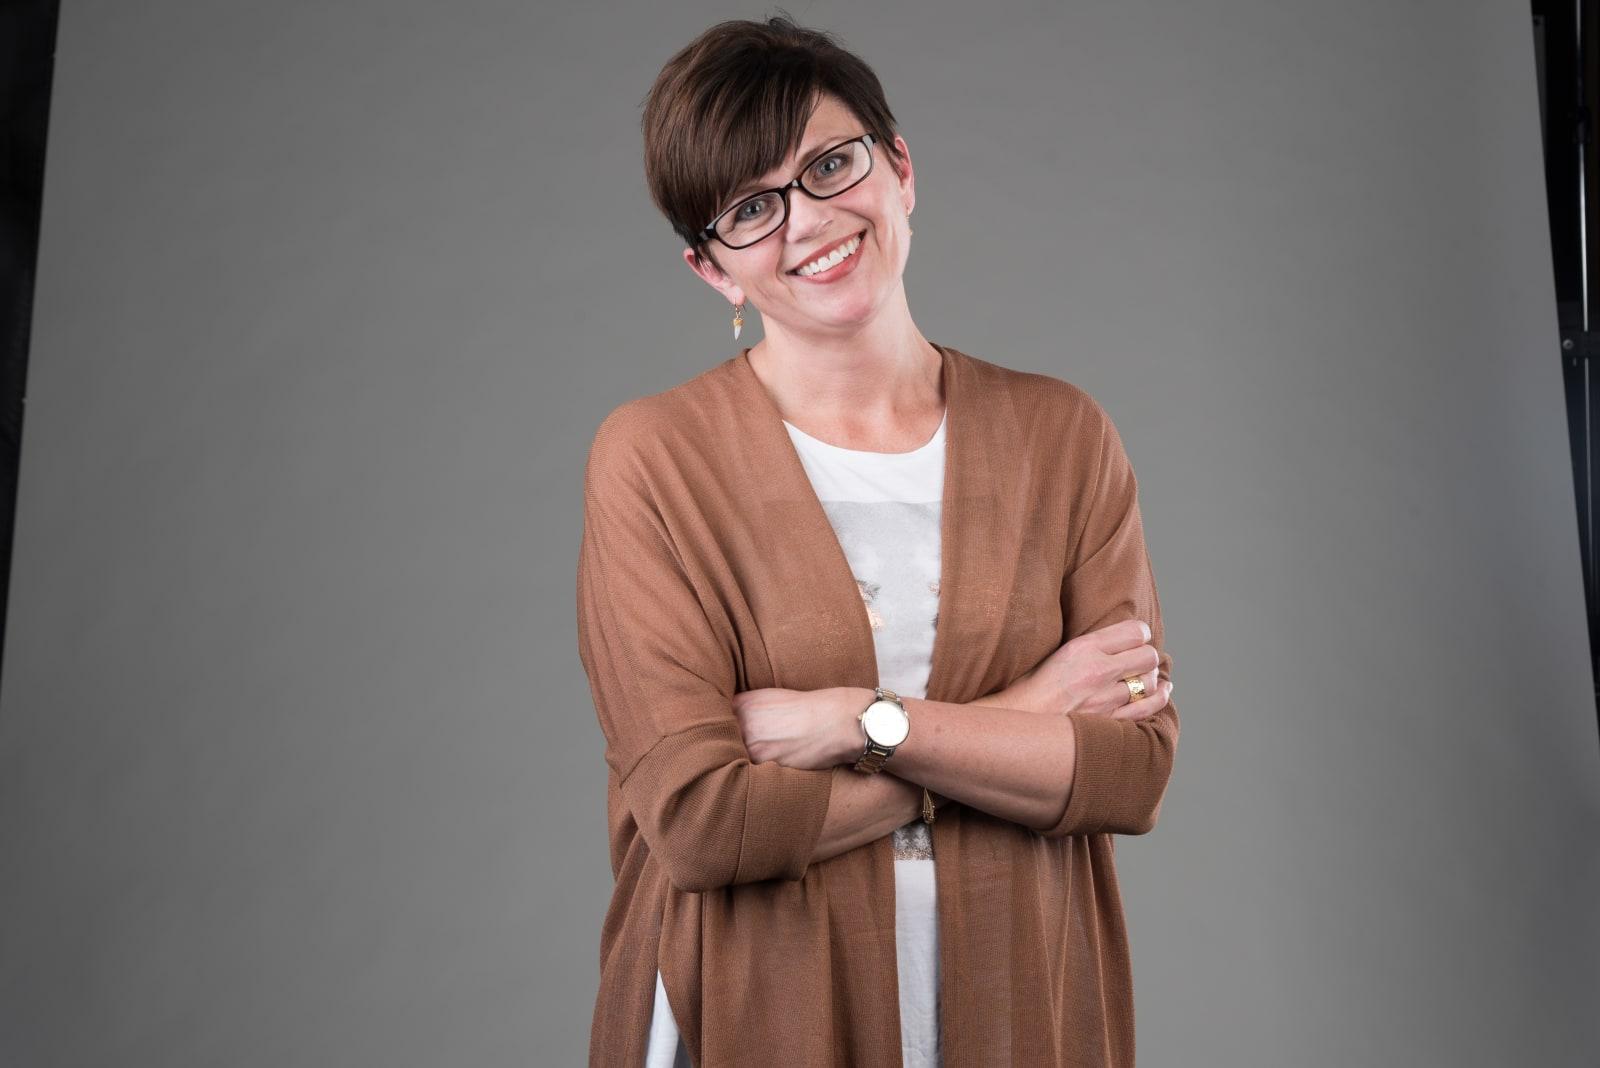 Niki Petit with Glasses